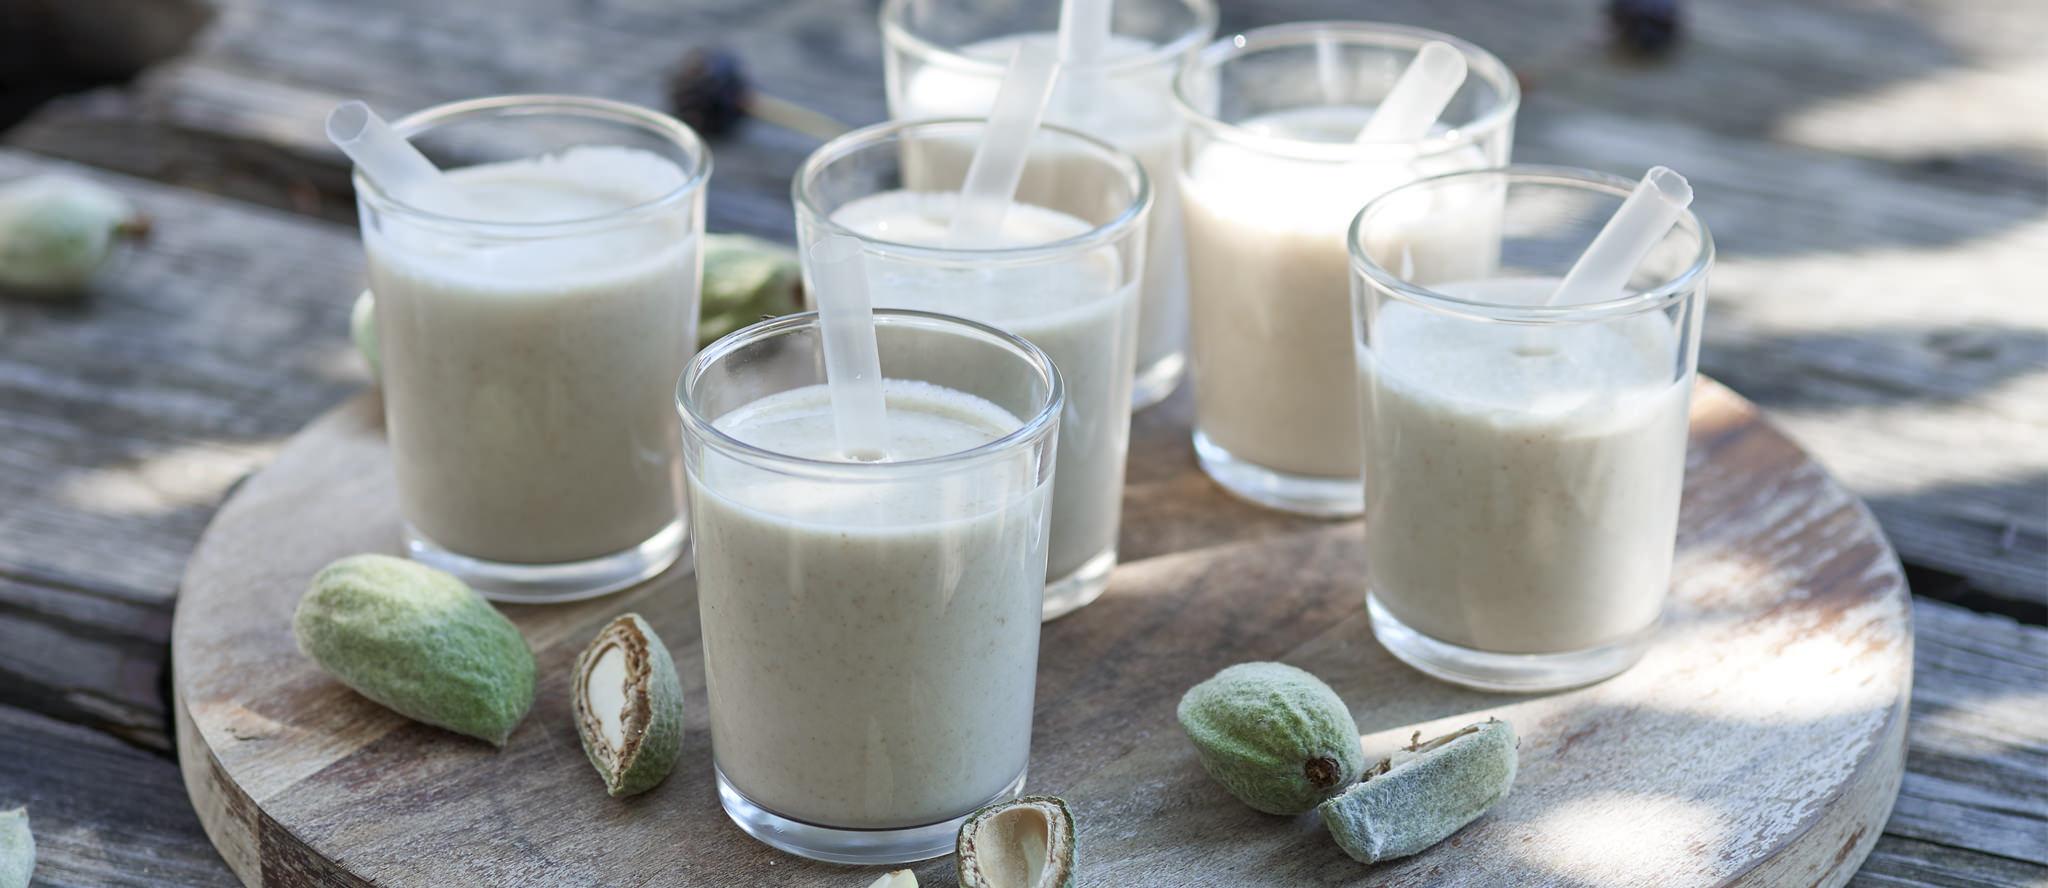 Band ajo blanco